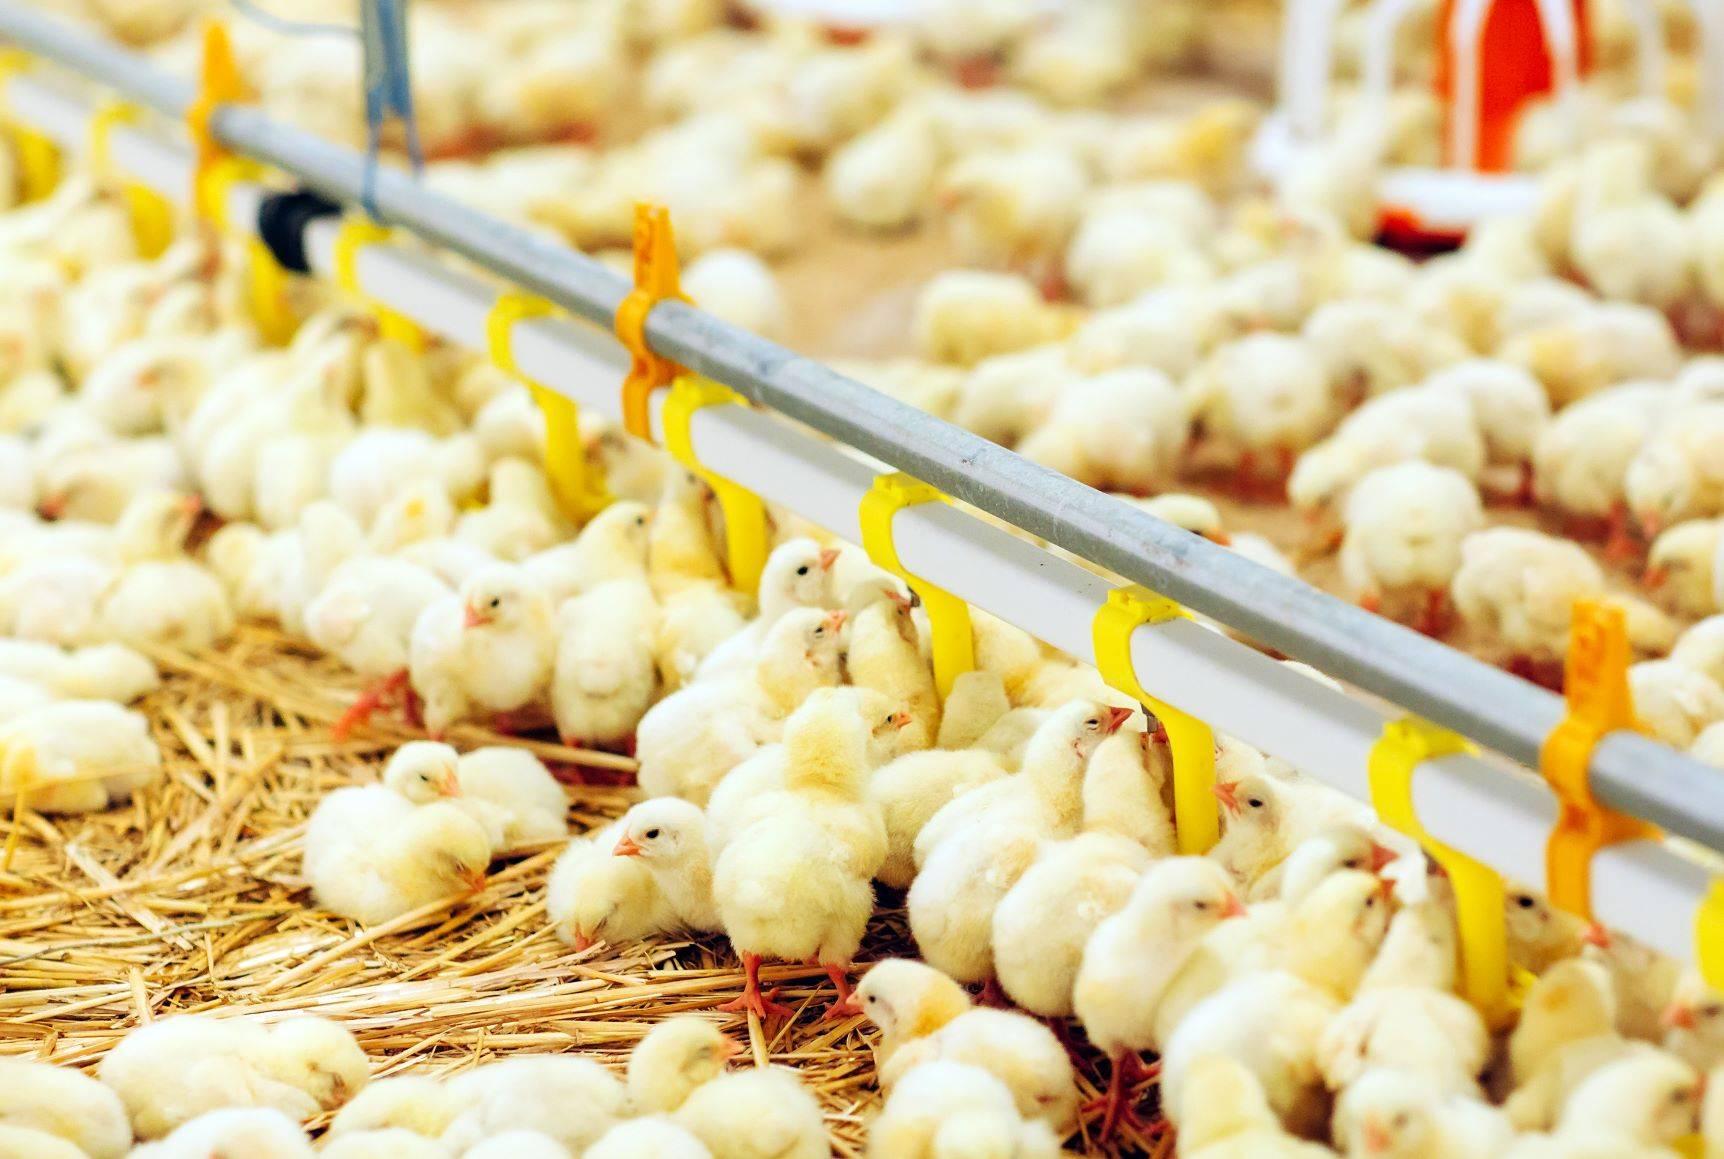 Kurczaki cierpią stłoczone na fermach. Czy ich mięso jest zdrowe?